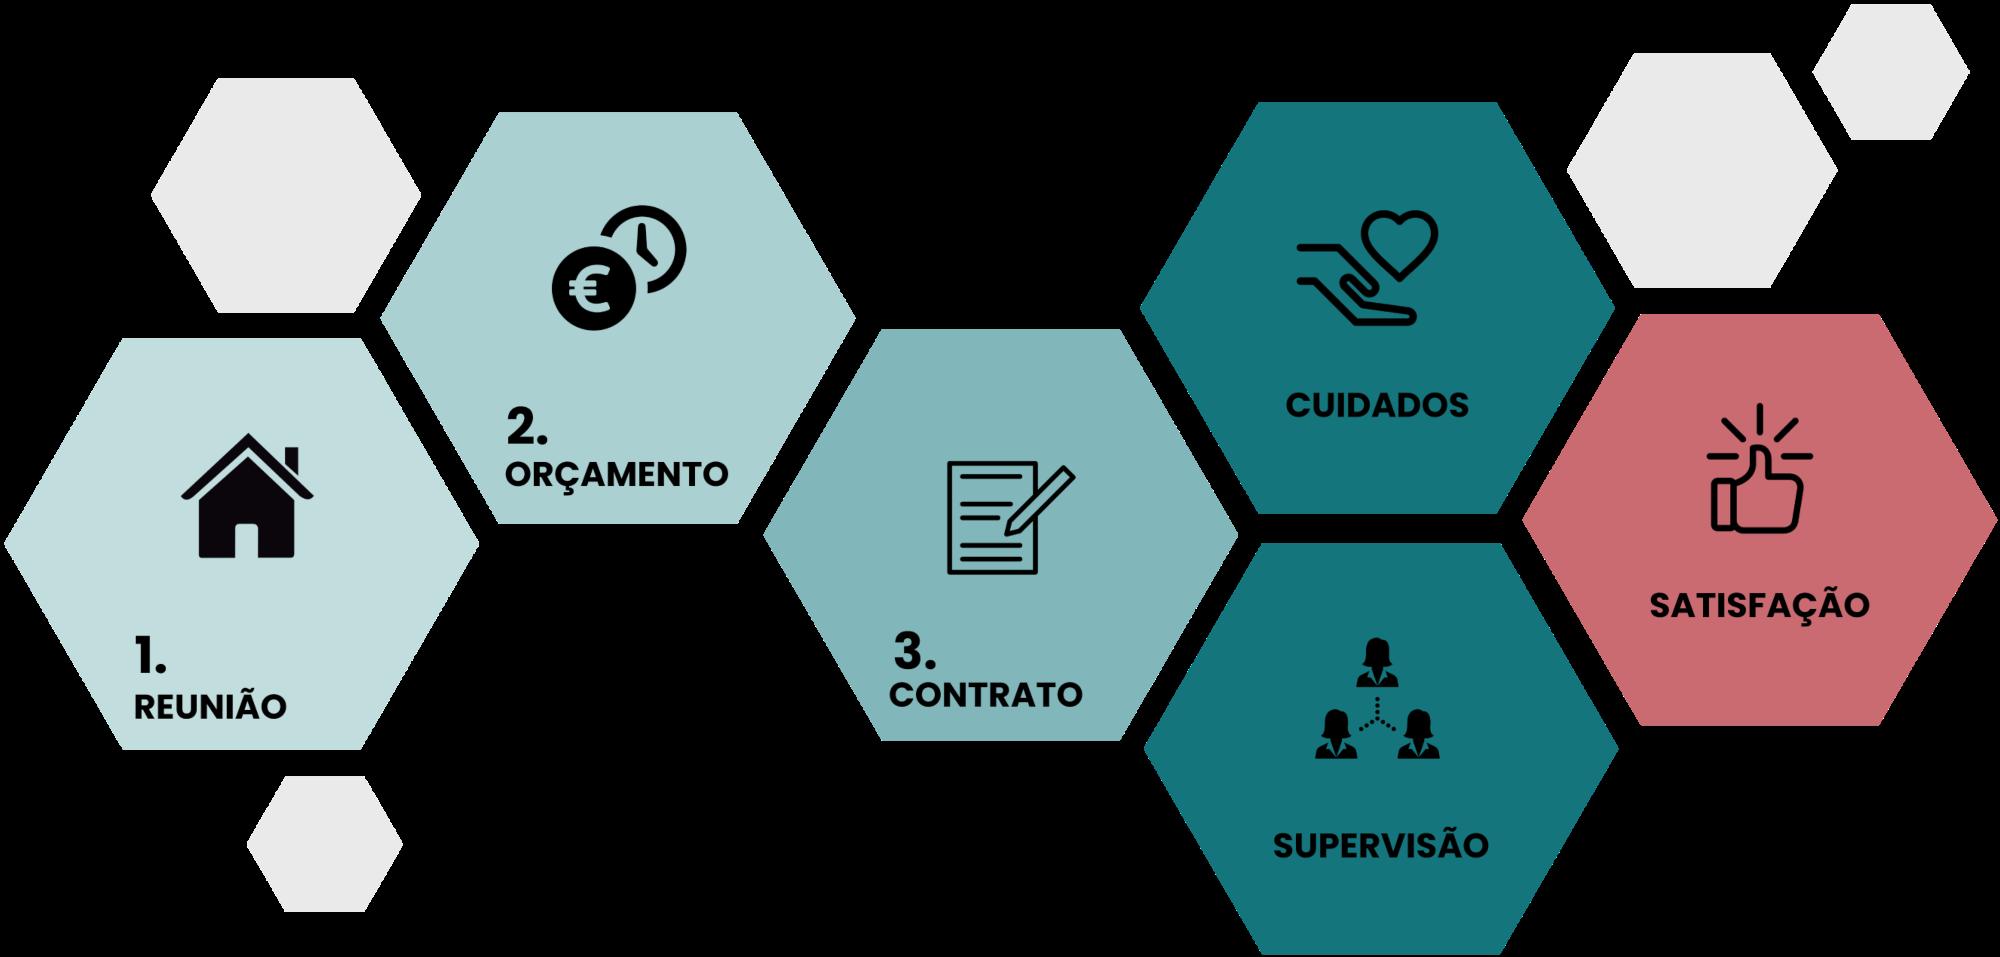 DIAGRAMA COMO FUNCIONAMOS_Mesa de trabajo 1 (1).png